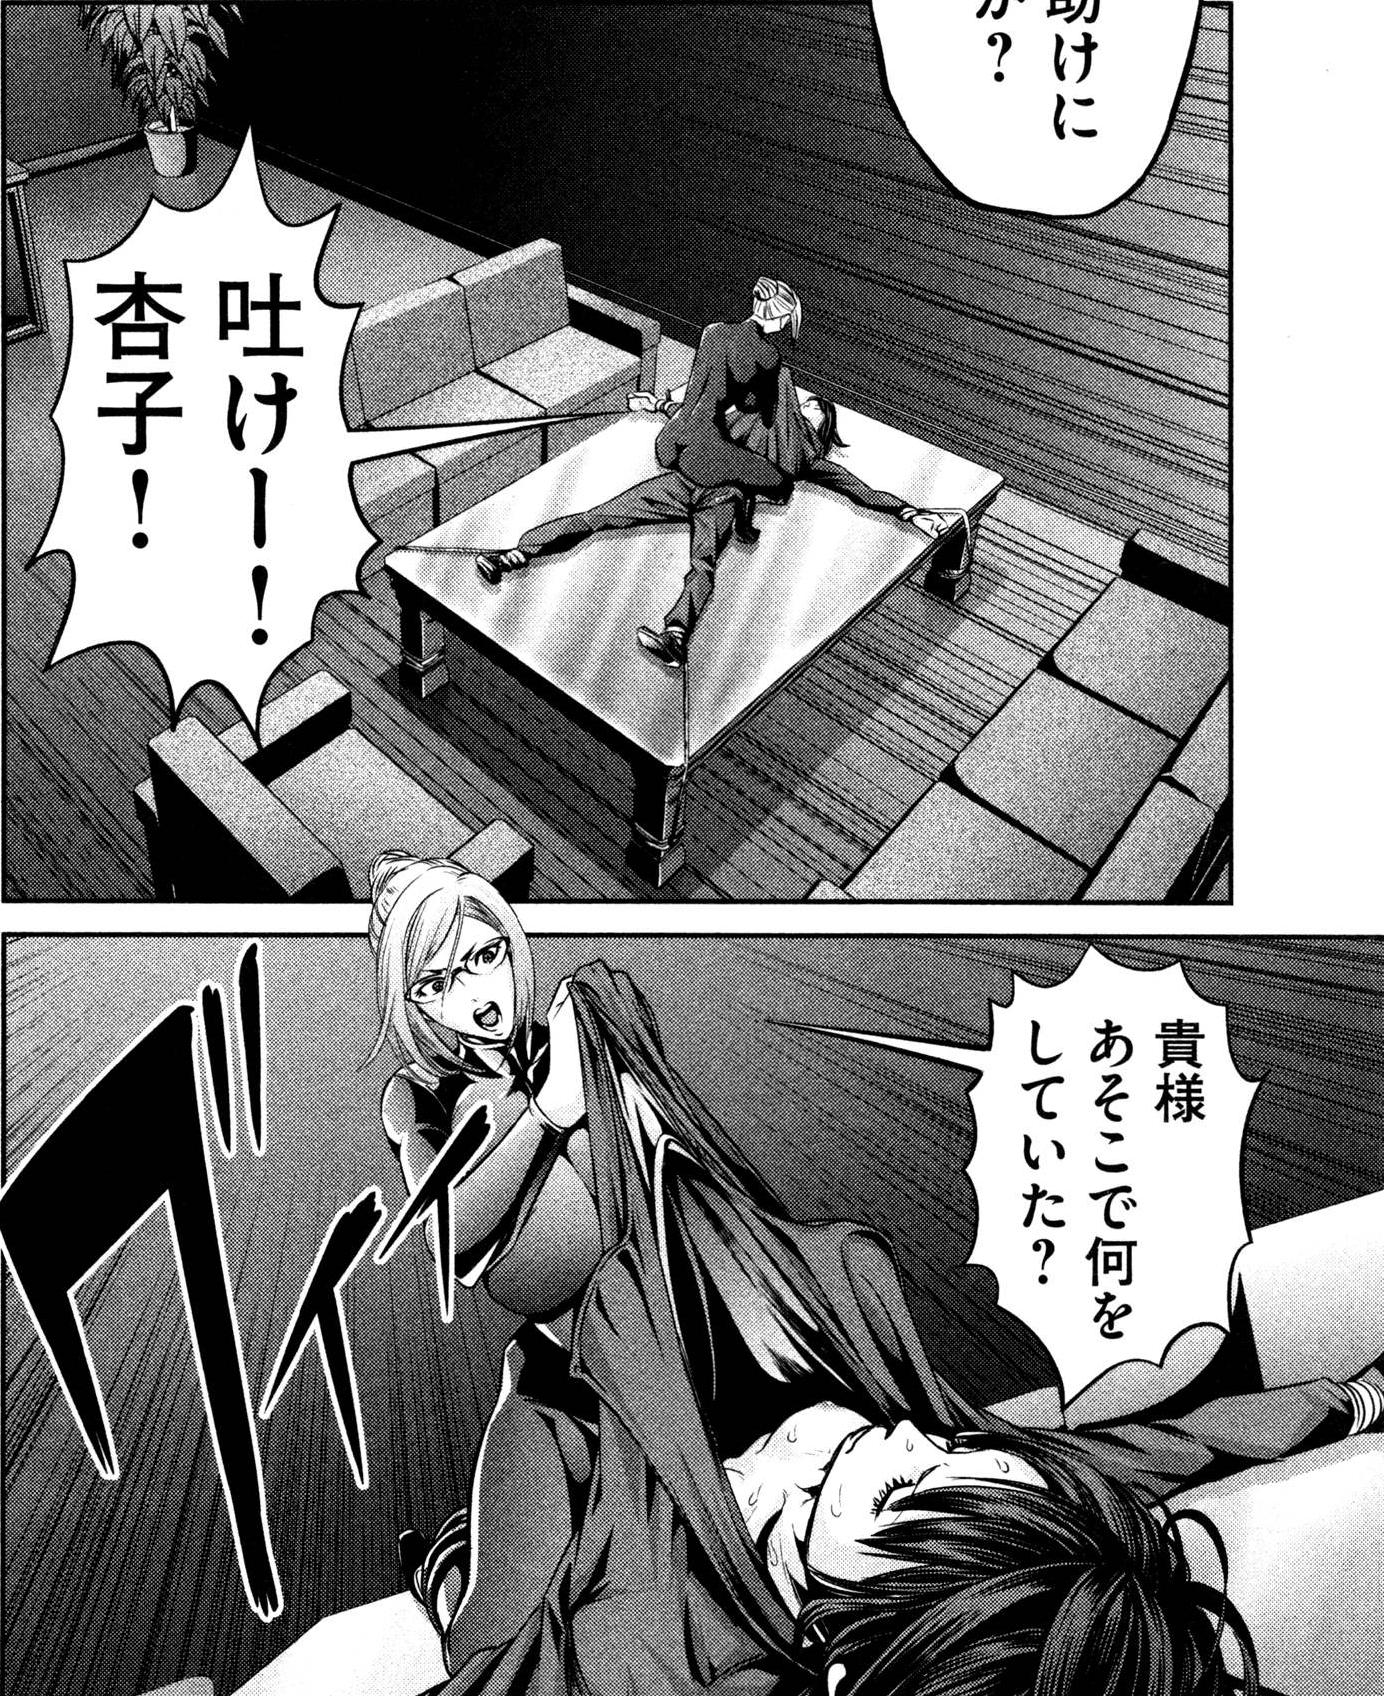 監獄学園 平本アキラ 一般漫画 エロ 乳首 拘束 拷問 レズ